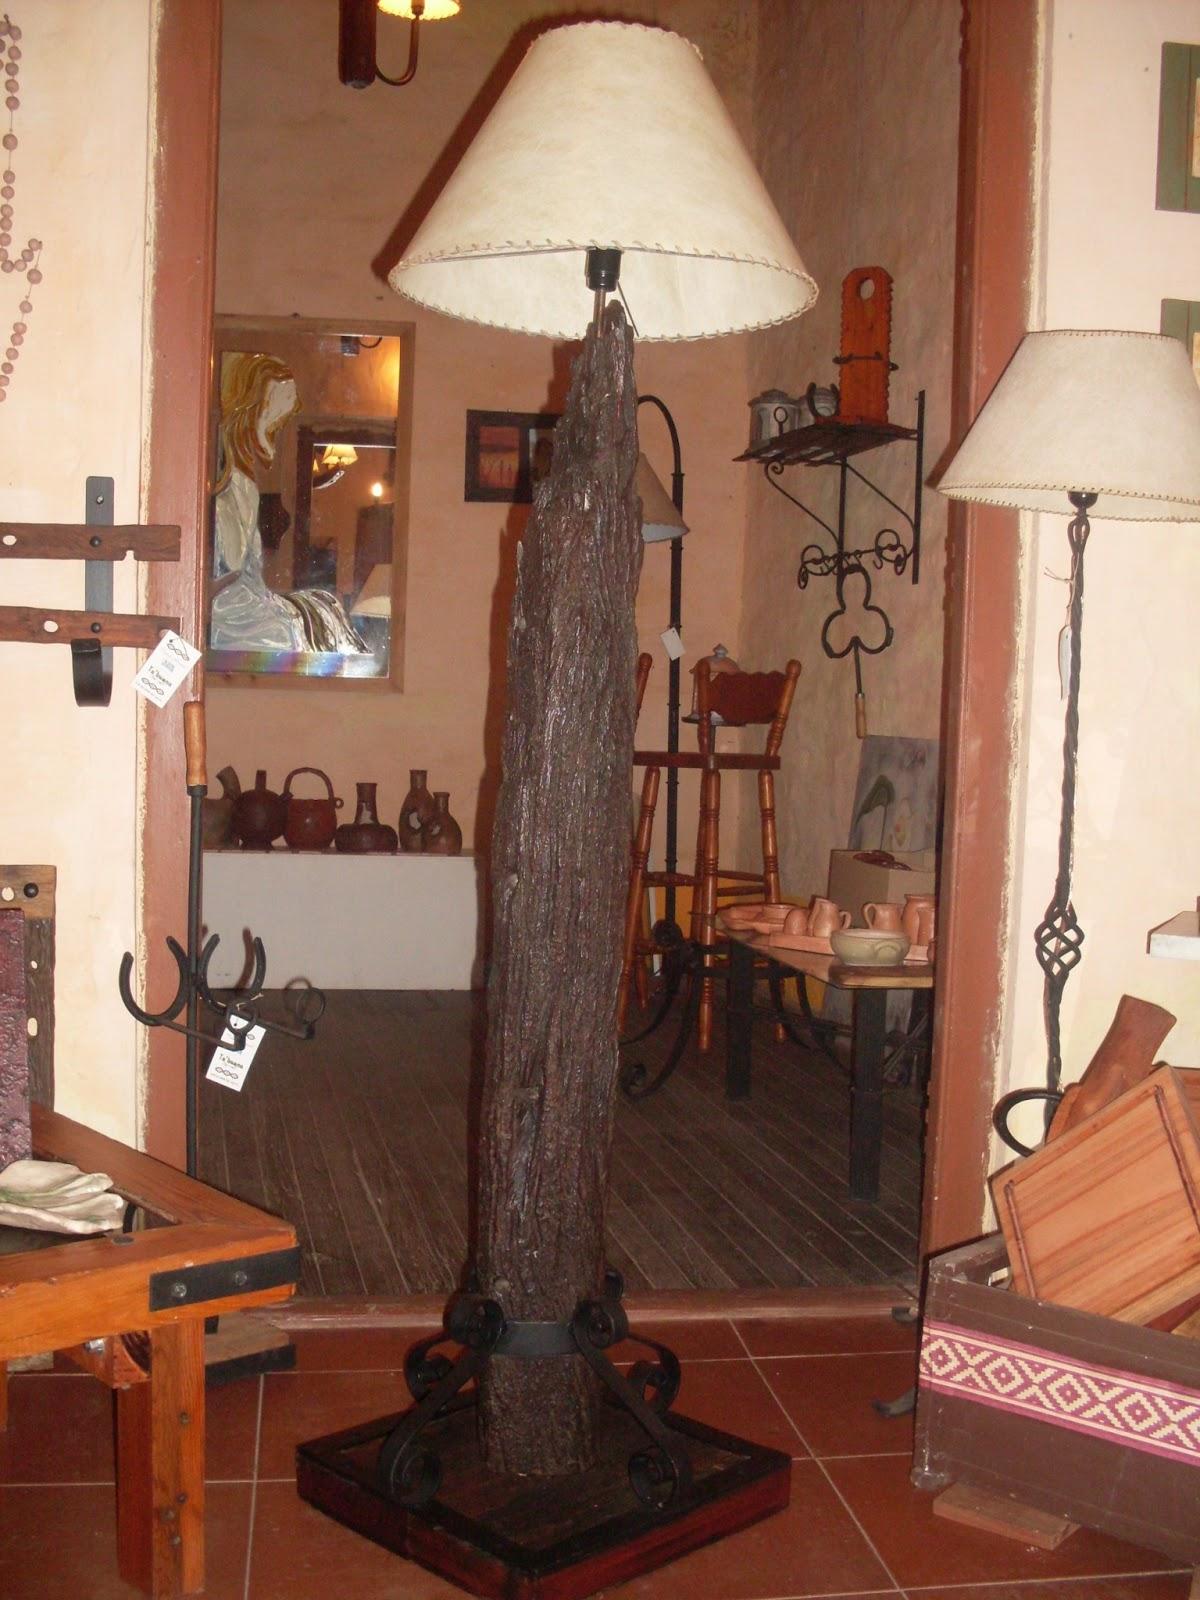 El desv n taller de hierro y madera ta 39 bueno - Lamparas artesanales de madera ...